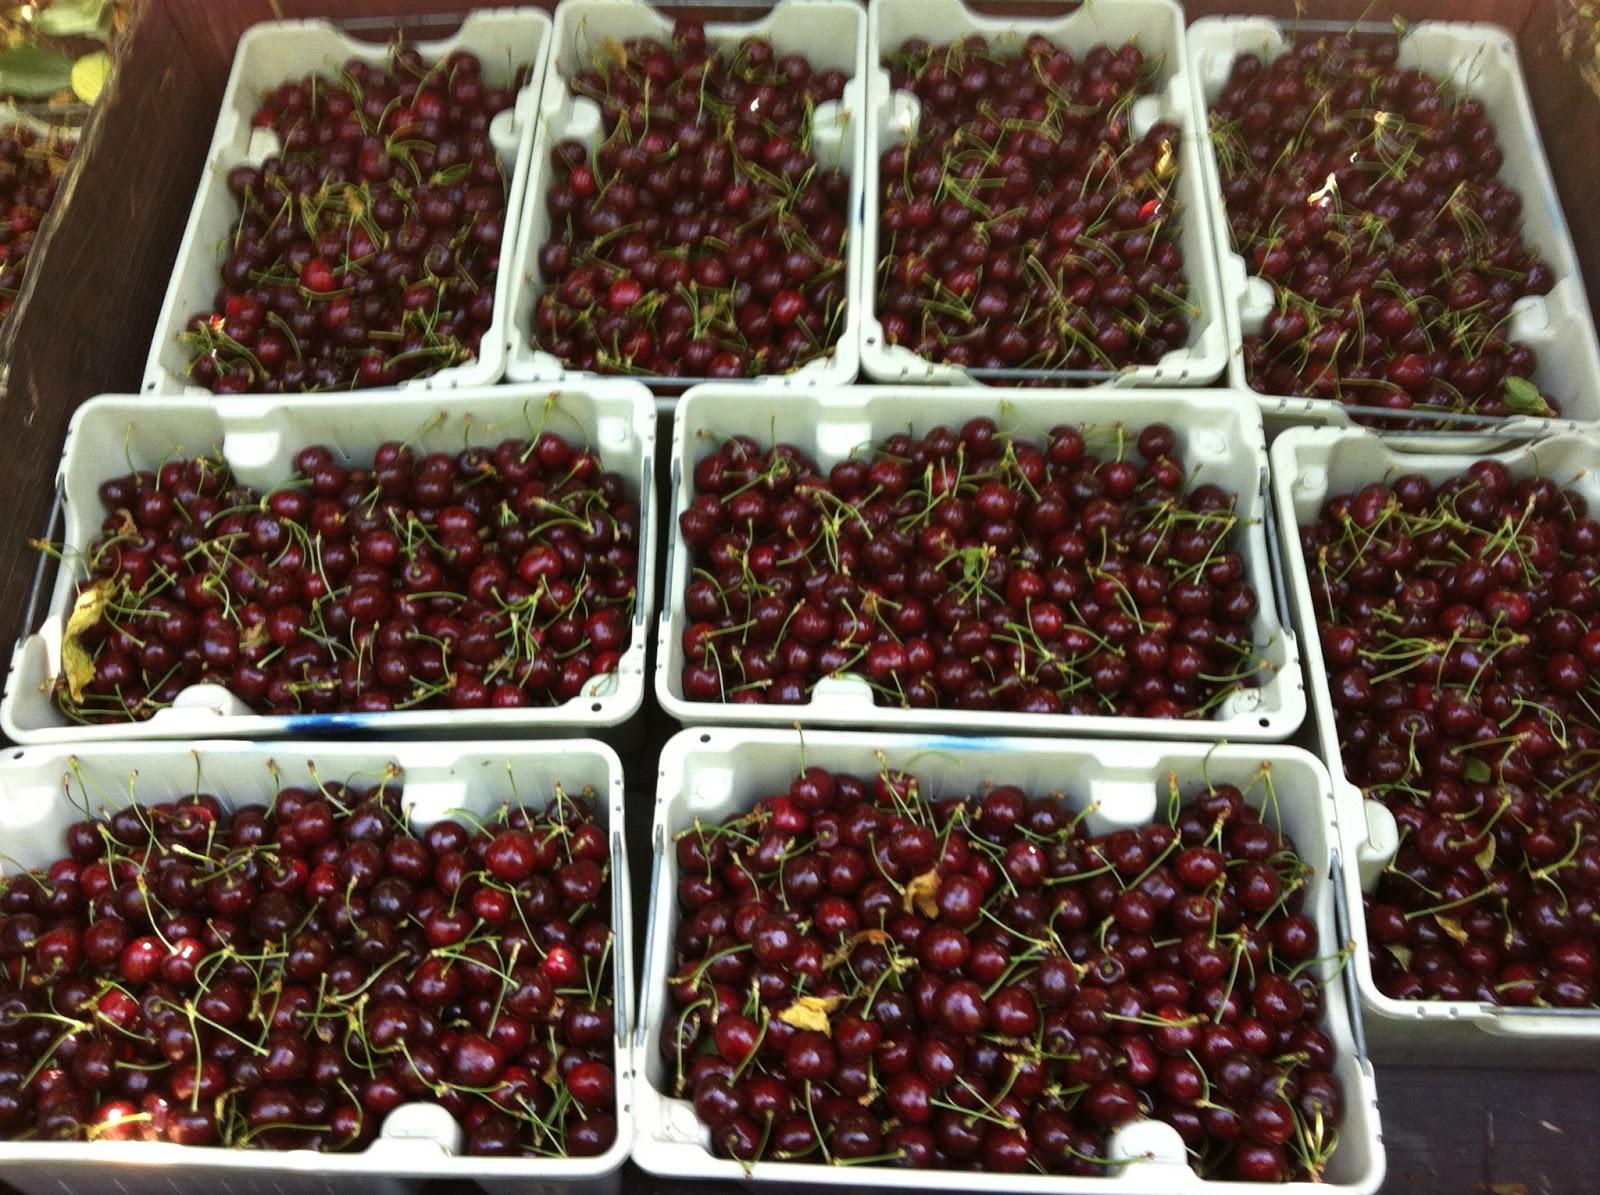 produce clerk the produce clerks handbook by rick chong fresh picked cherries in osoyoos b c